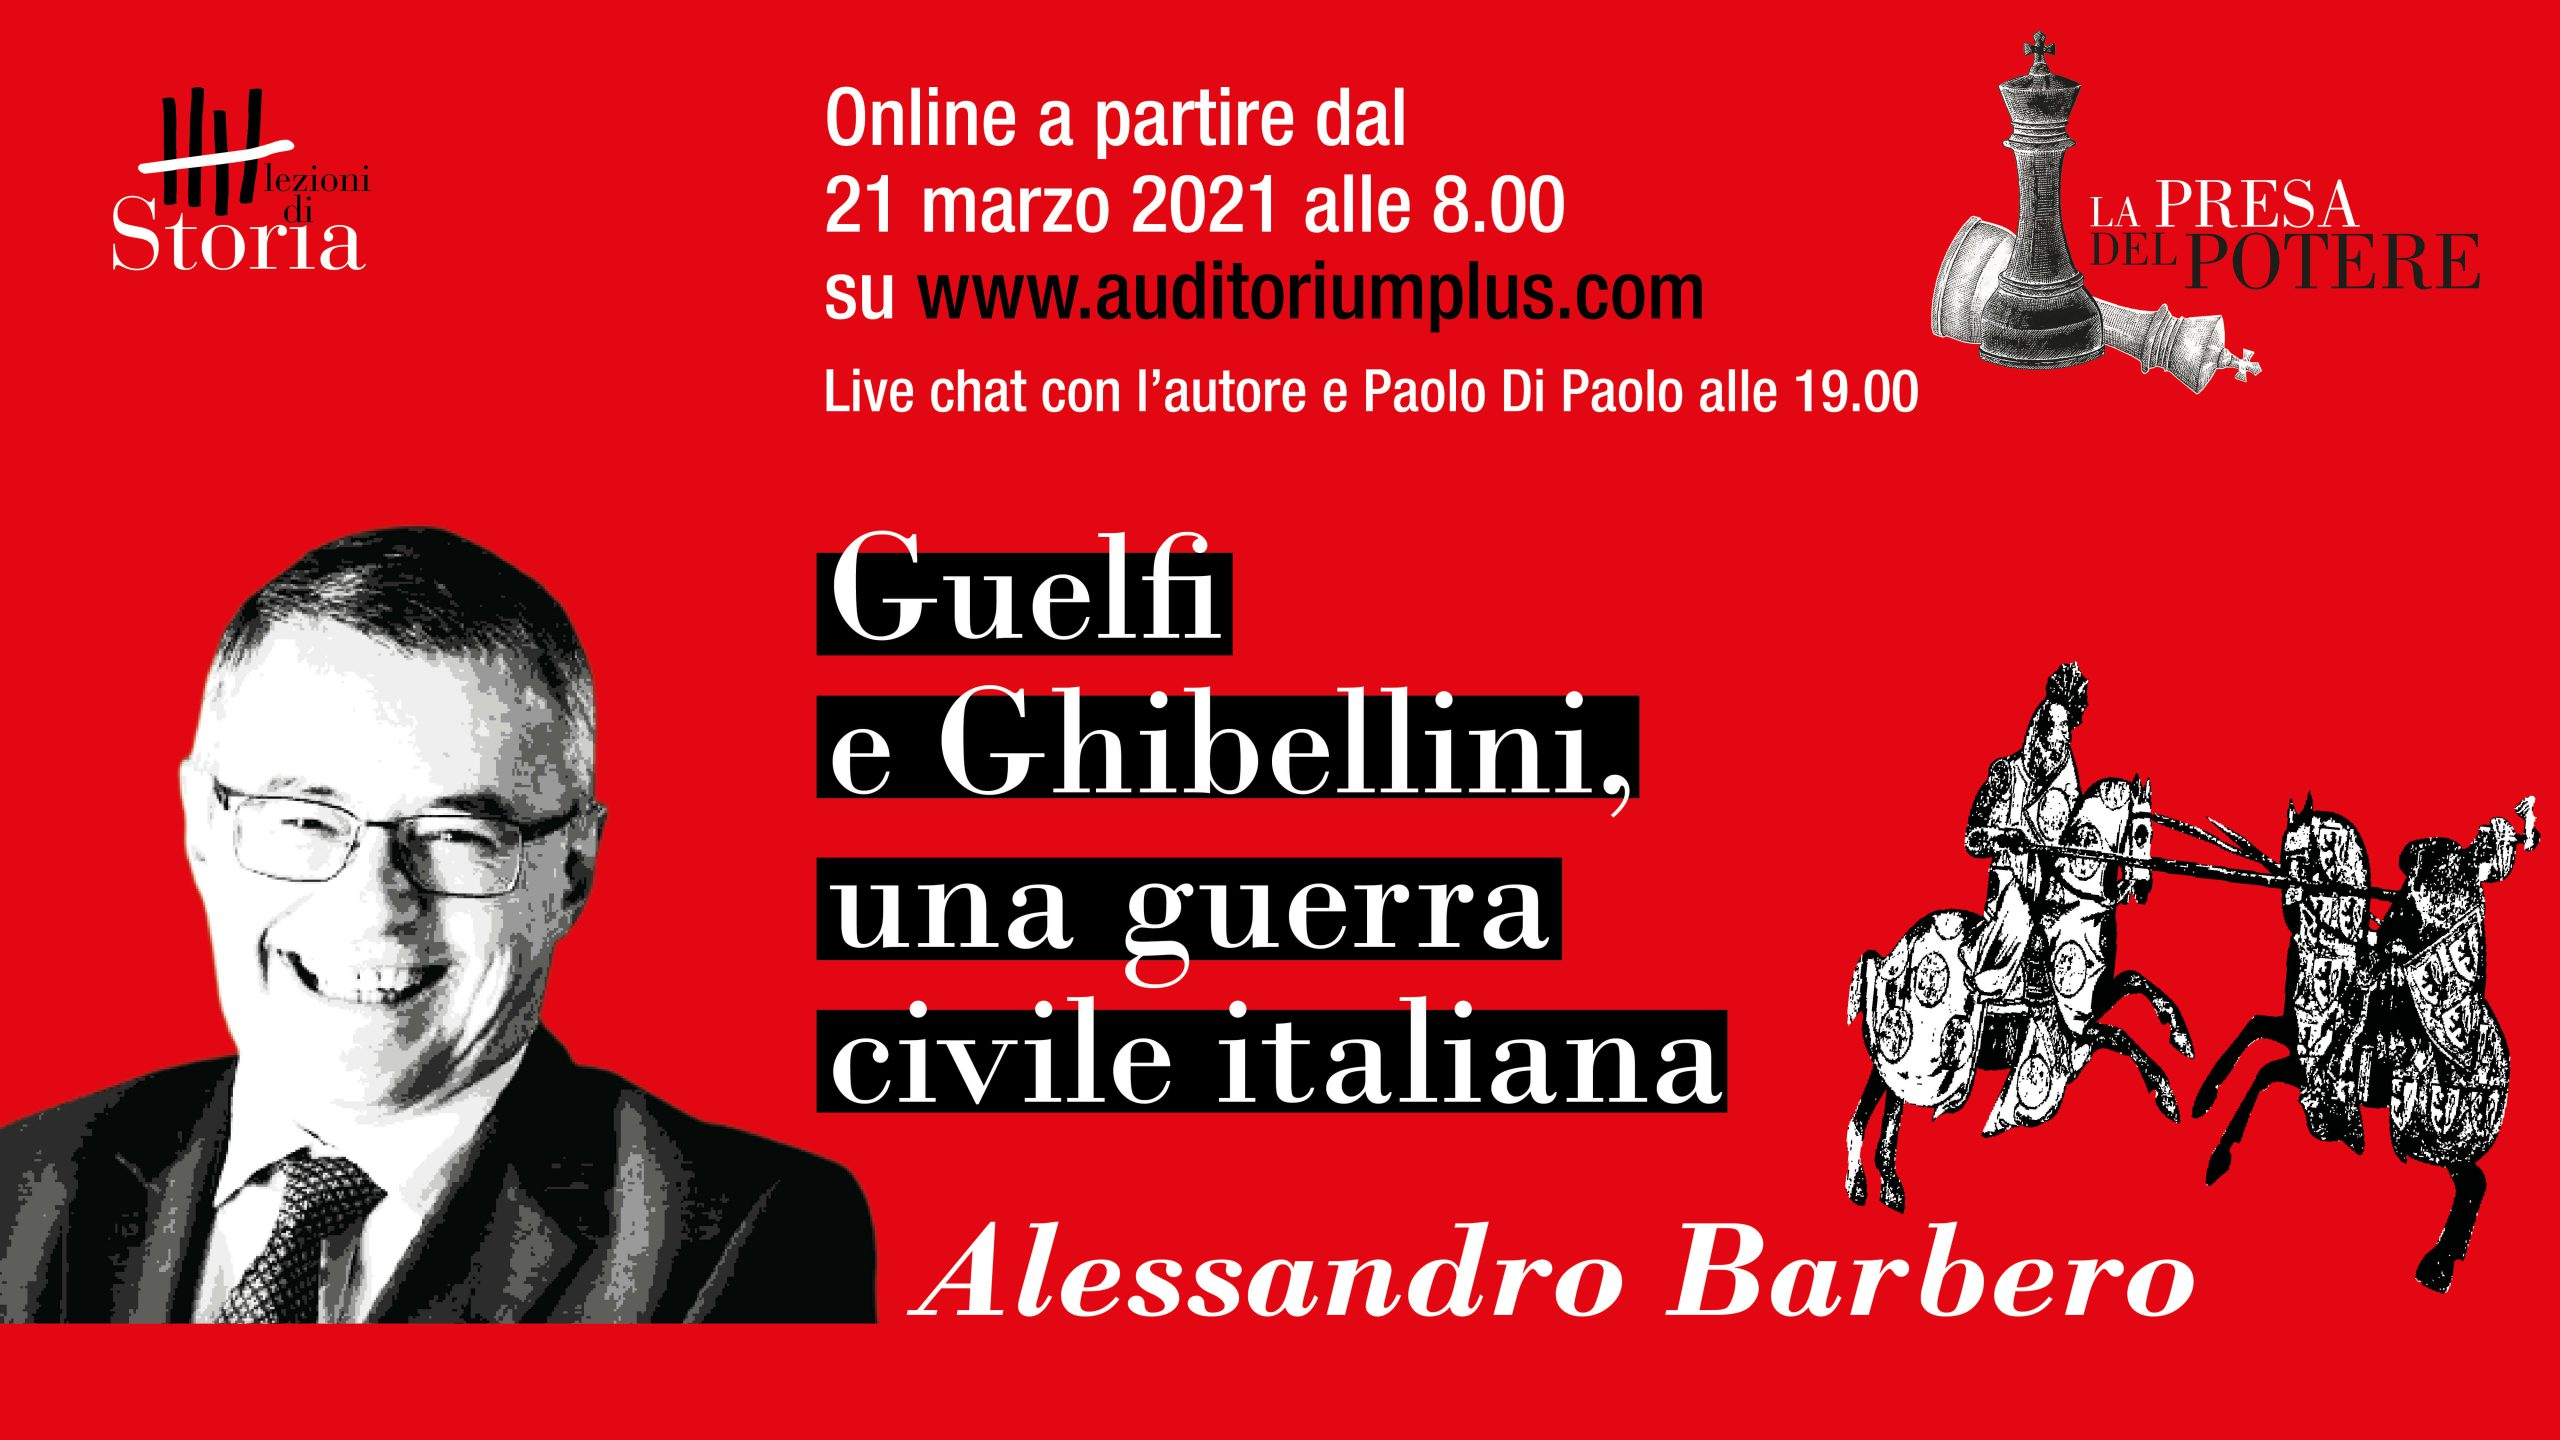 Guelfi e Ghibellini, una guerra civile italiana